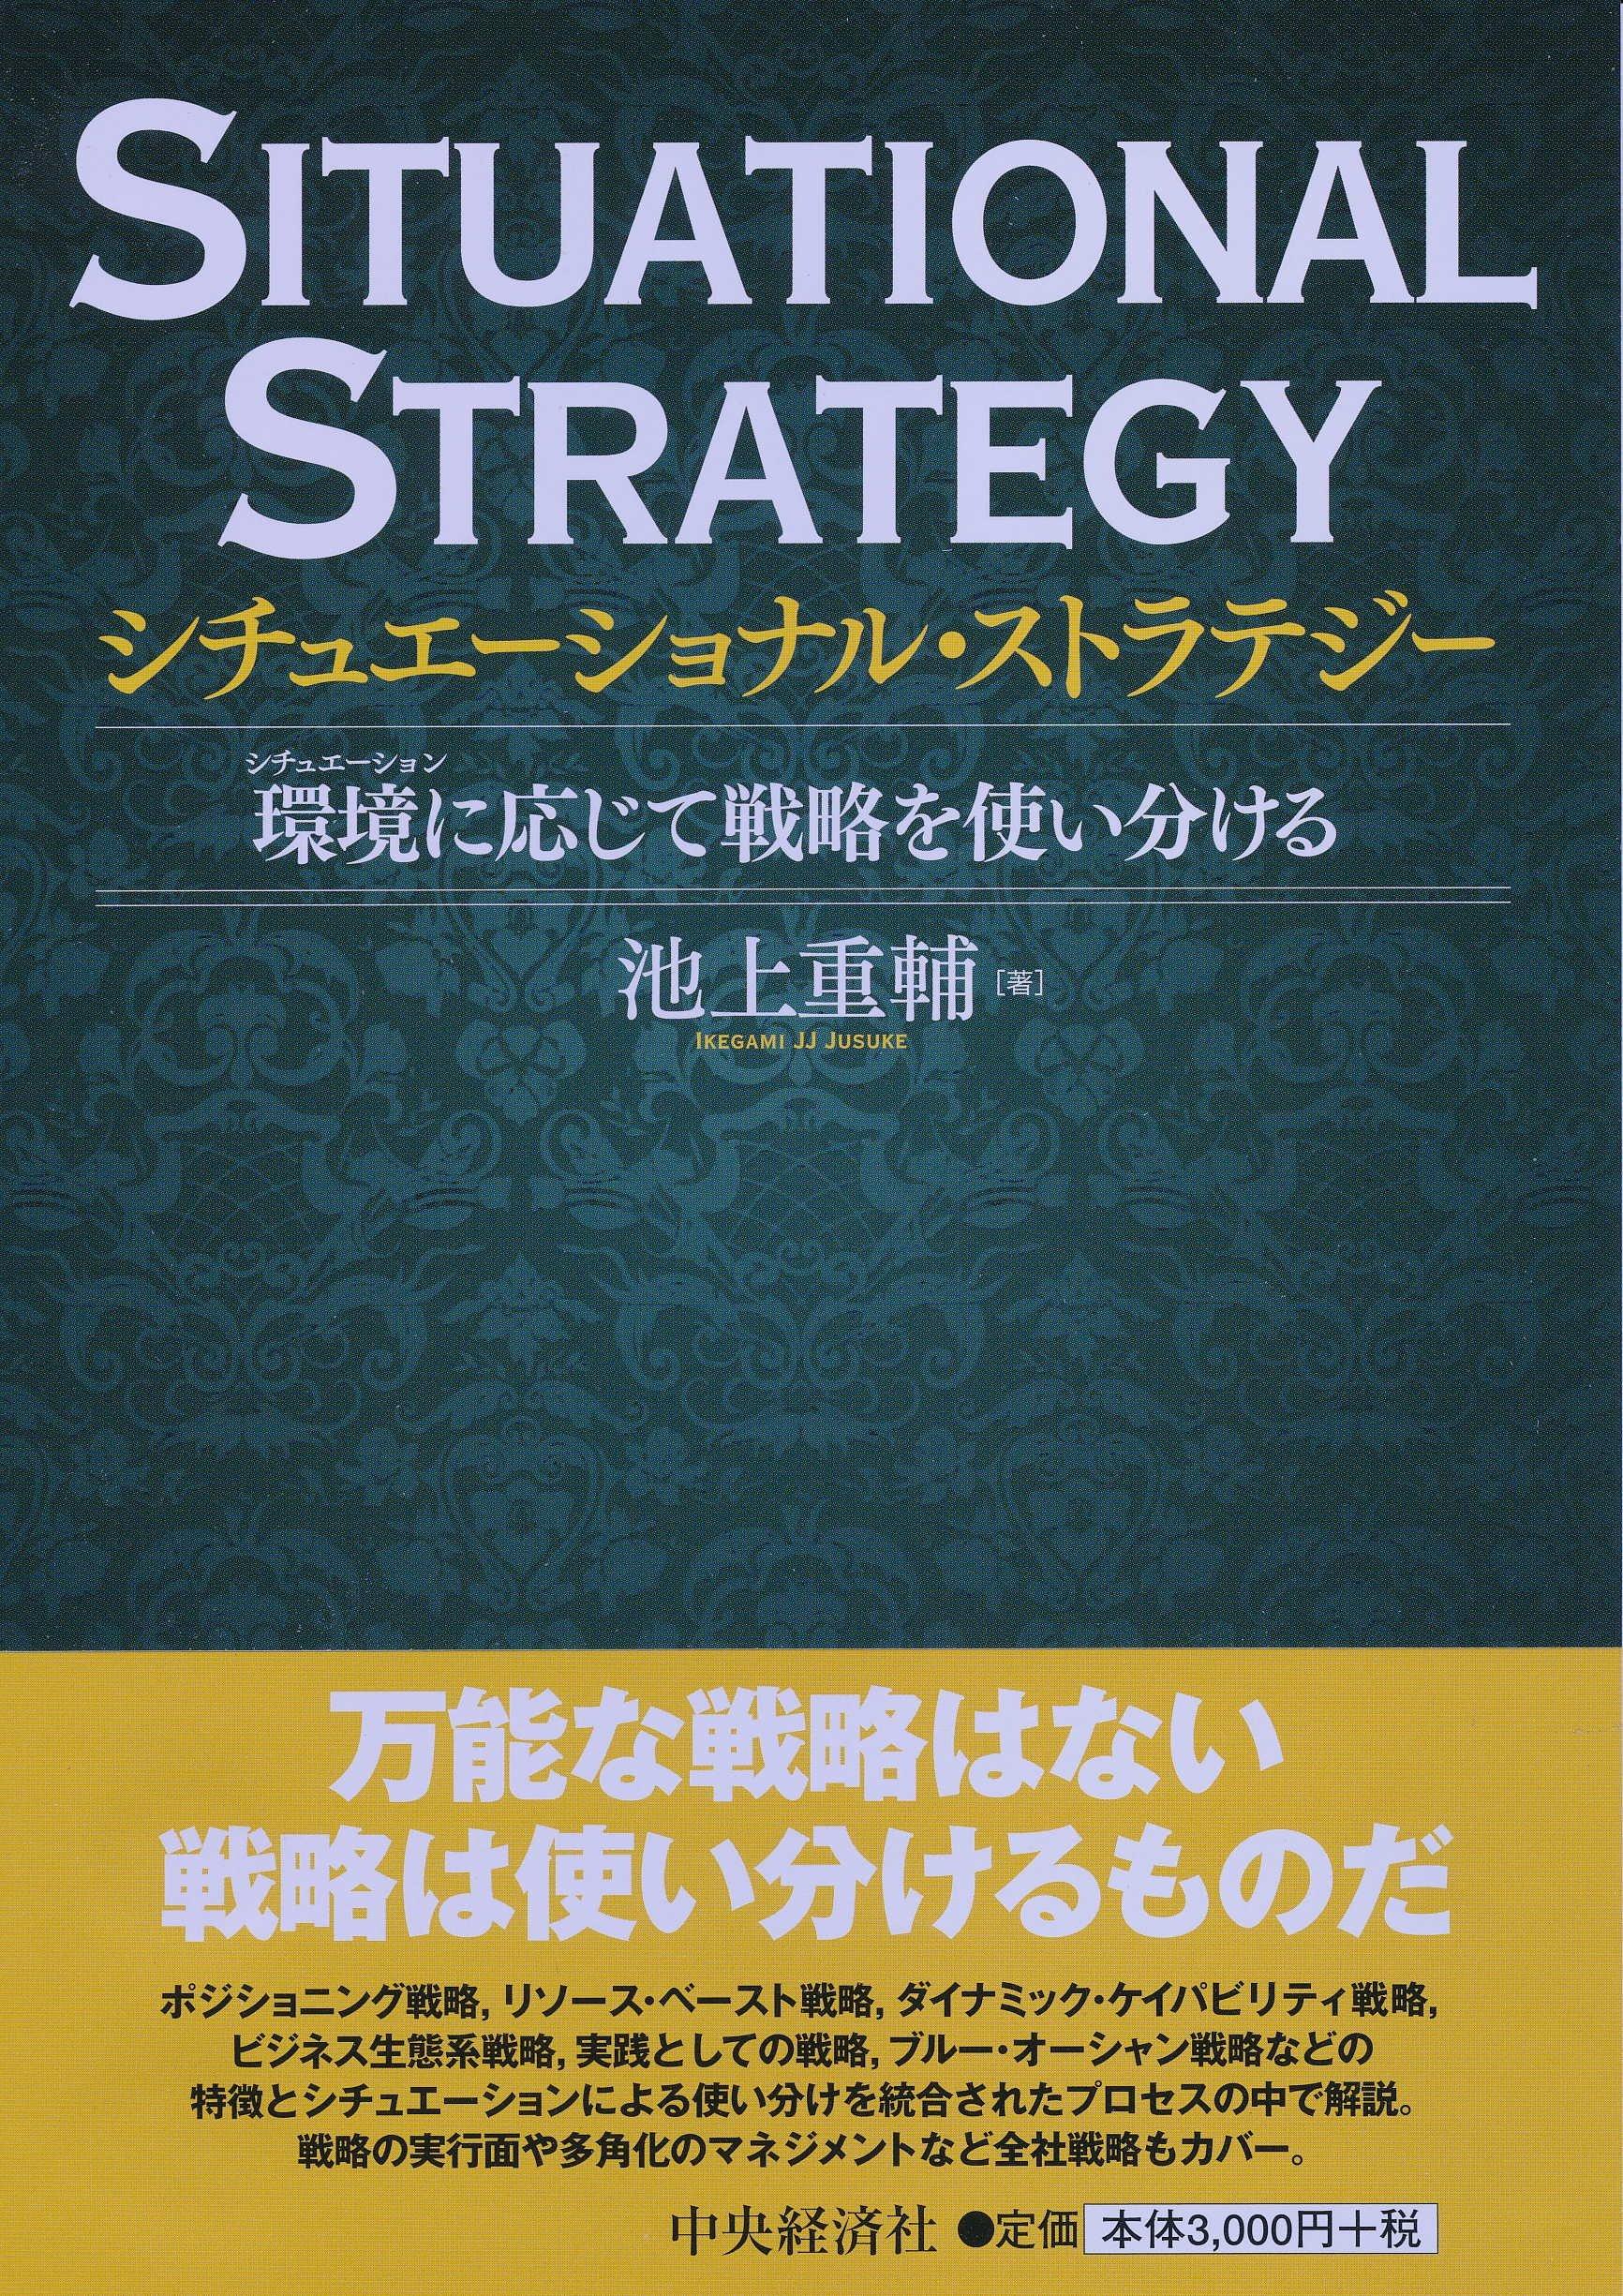 池上重輔(早稲田大学)著『シチュエーショナル・ストラテジー』